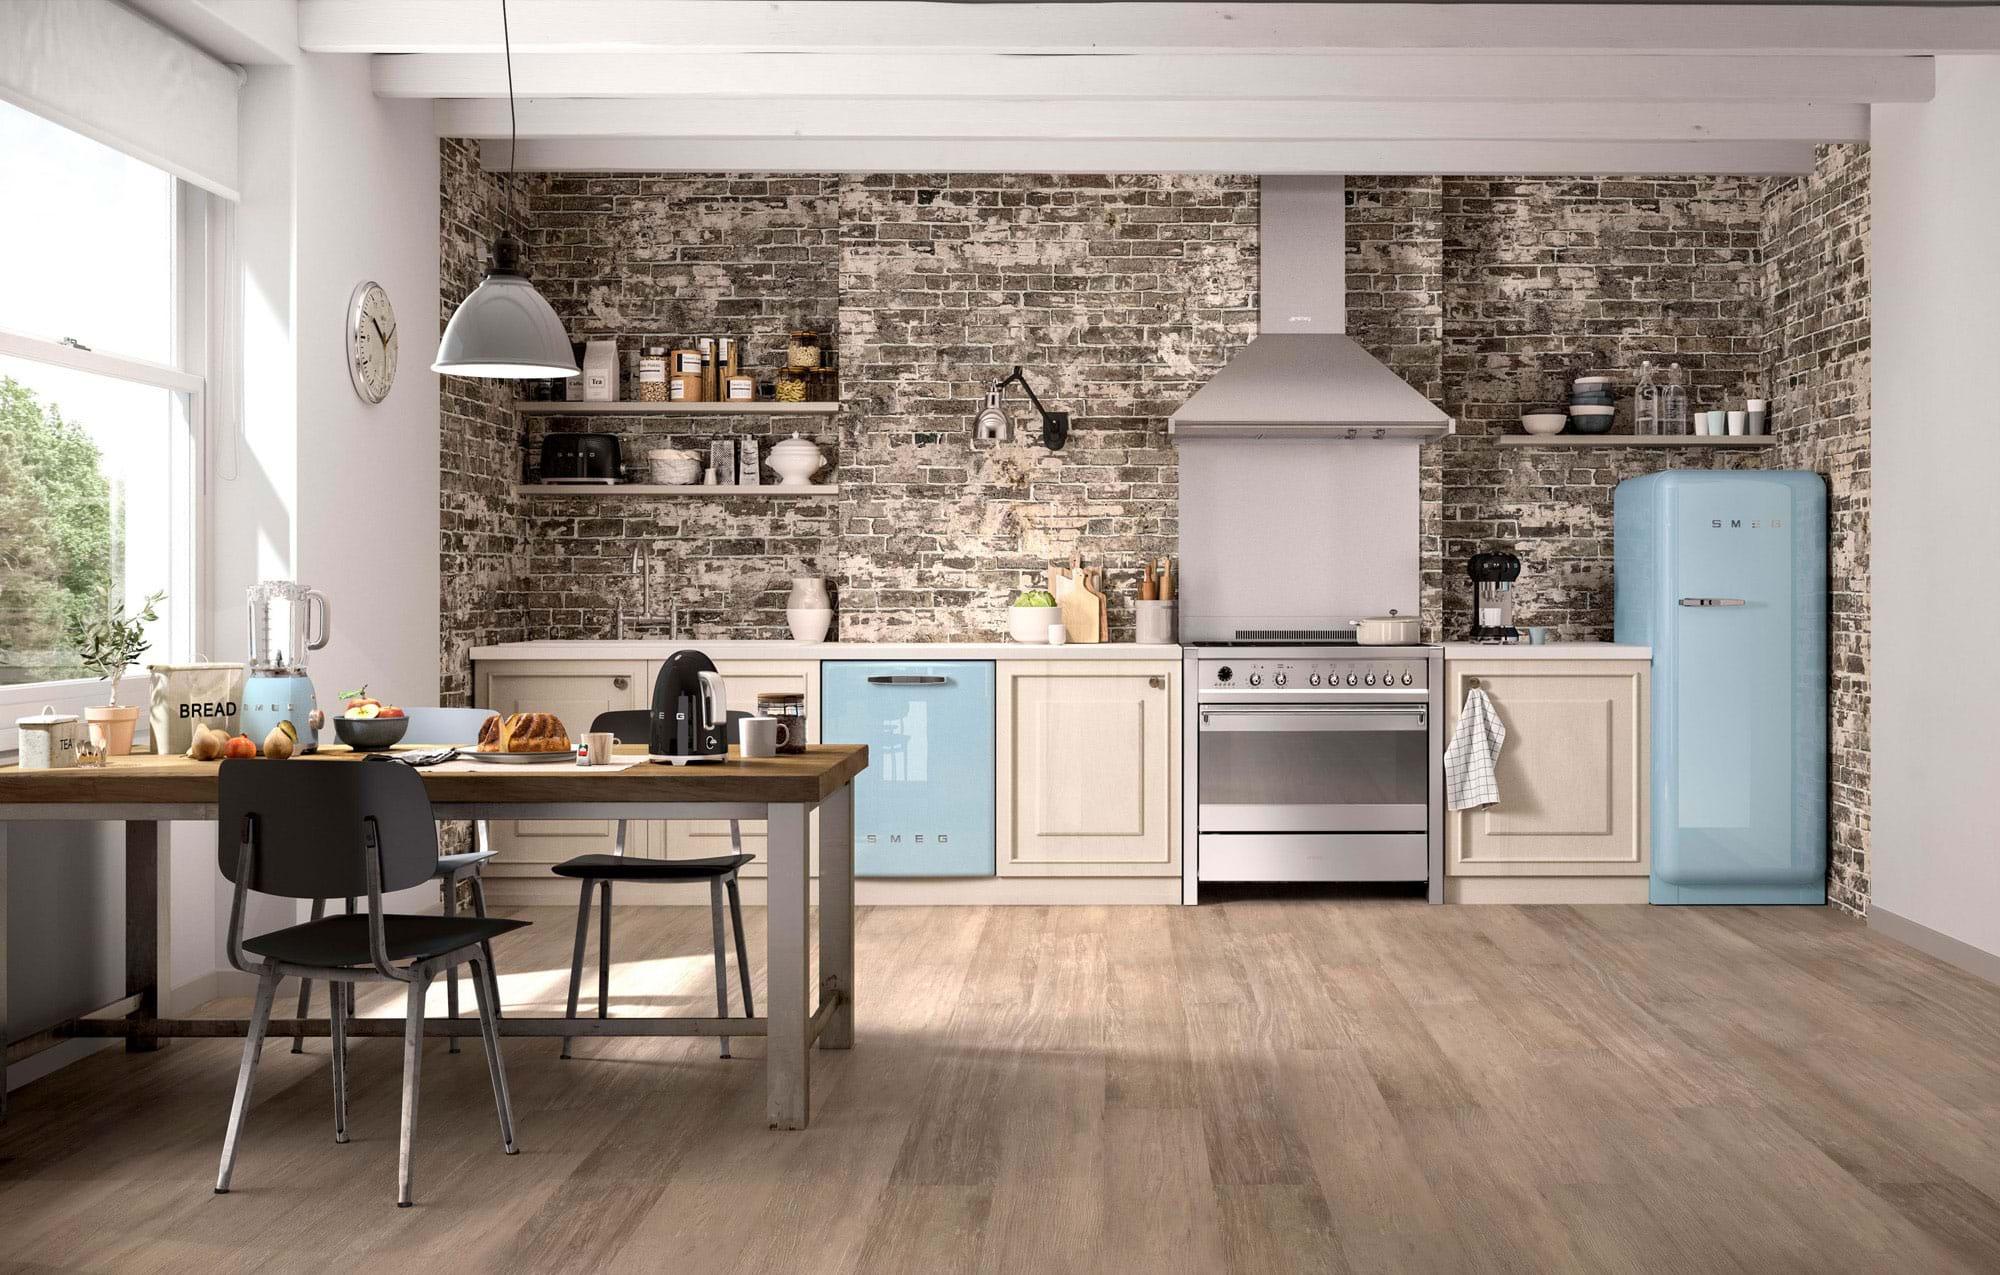 Ordinaire Smeg | Branded Kitchen Appliances | Leekes Kitchens